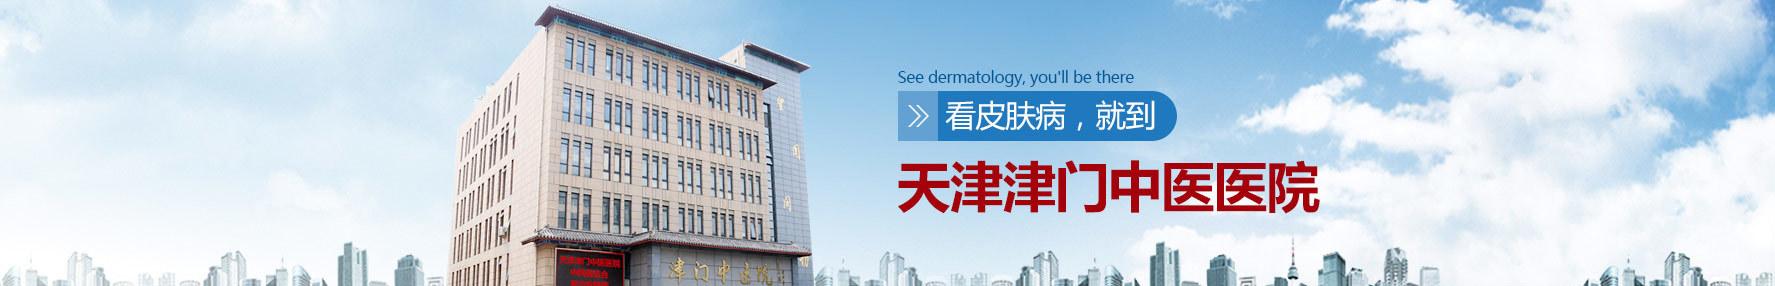 天津治疗皮肤病医院